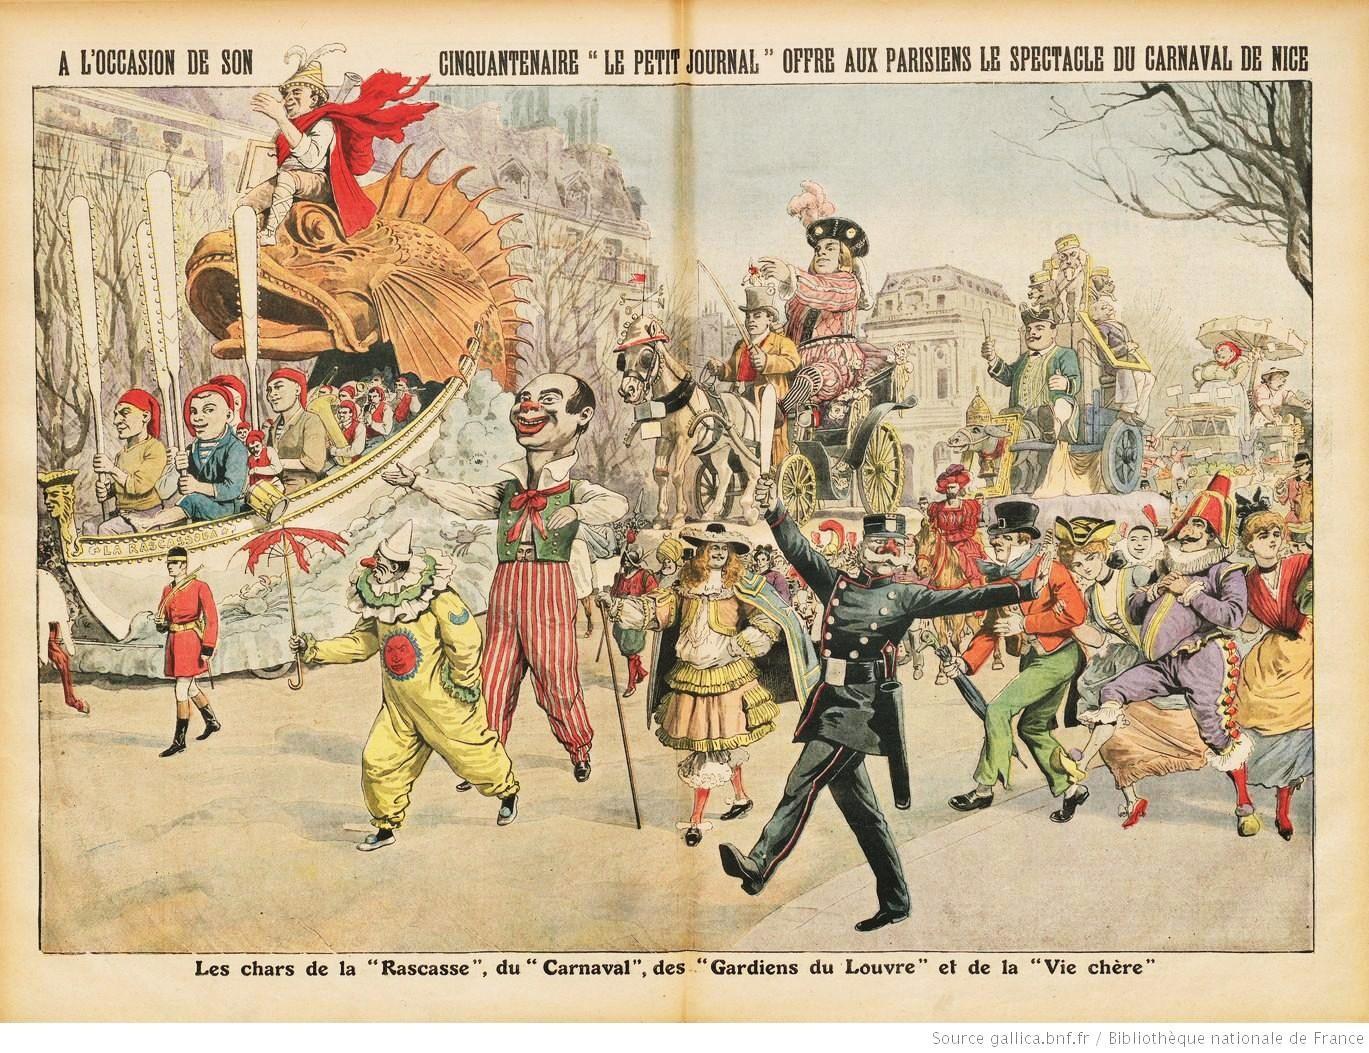 Les trois chars niçois de la Joconde défilent à Paris en 1912.